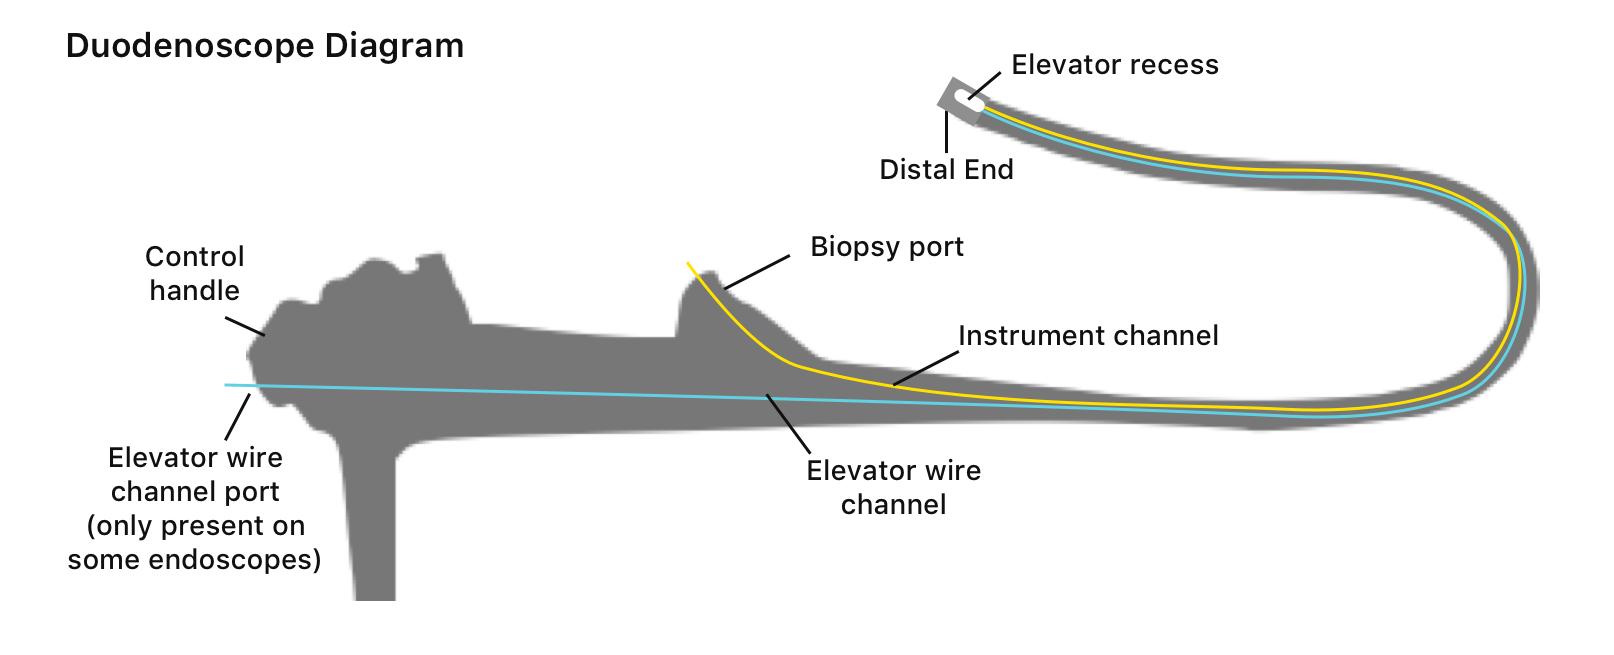 Duodenscope diagram